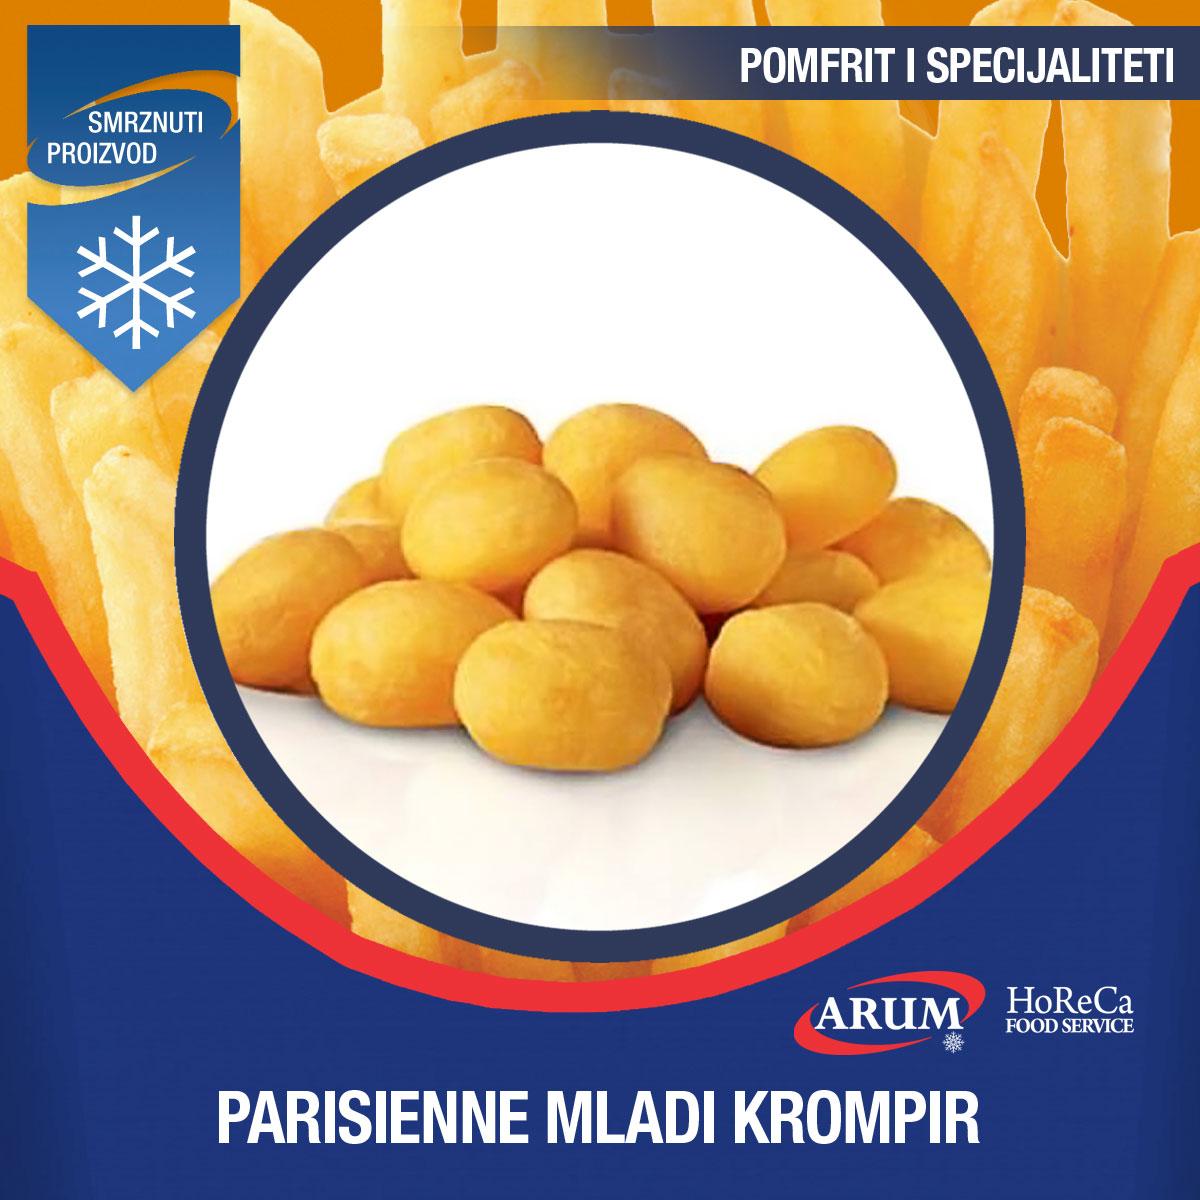 Eco parisienne mladi krompir 2,5 KG